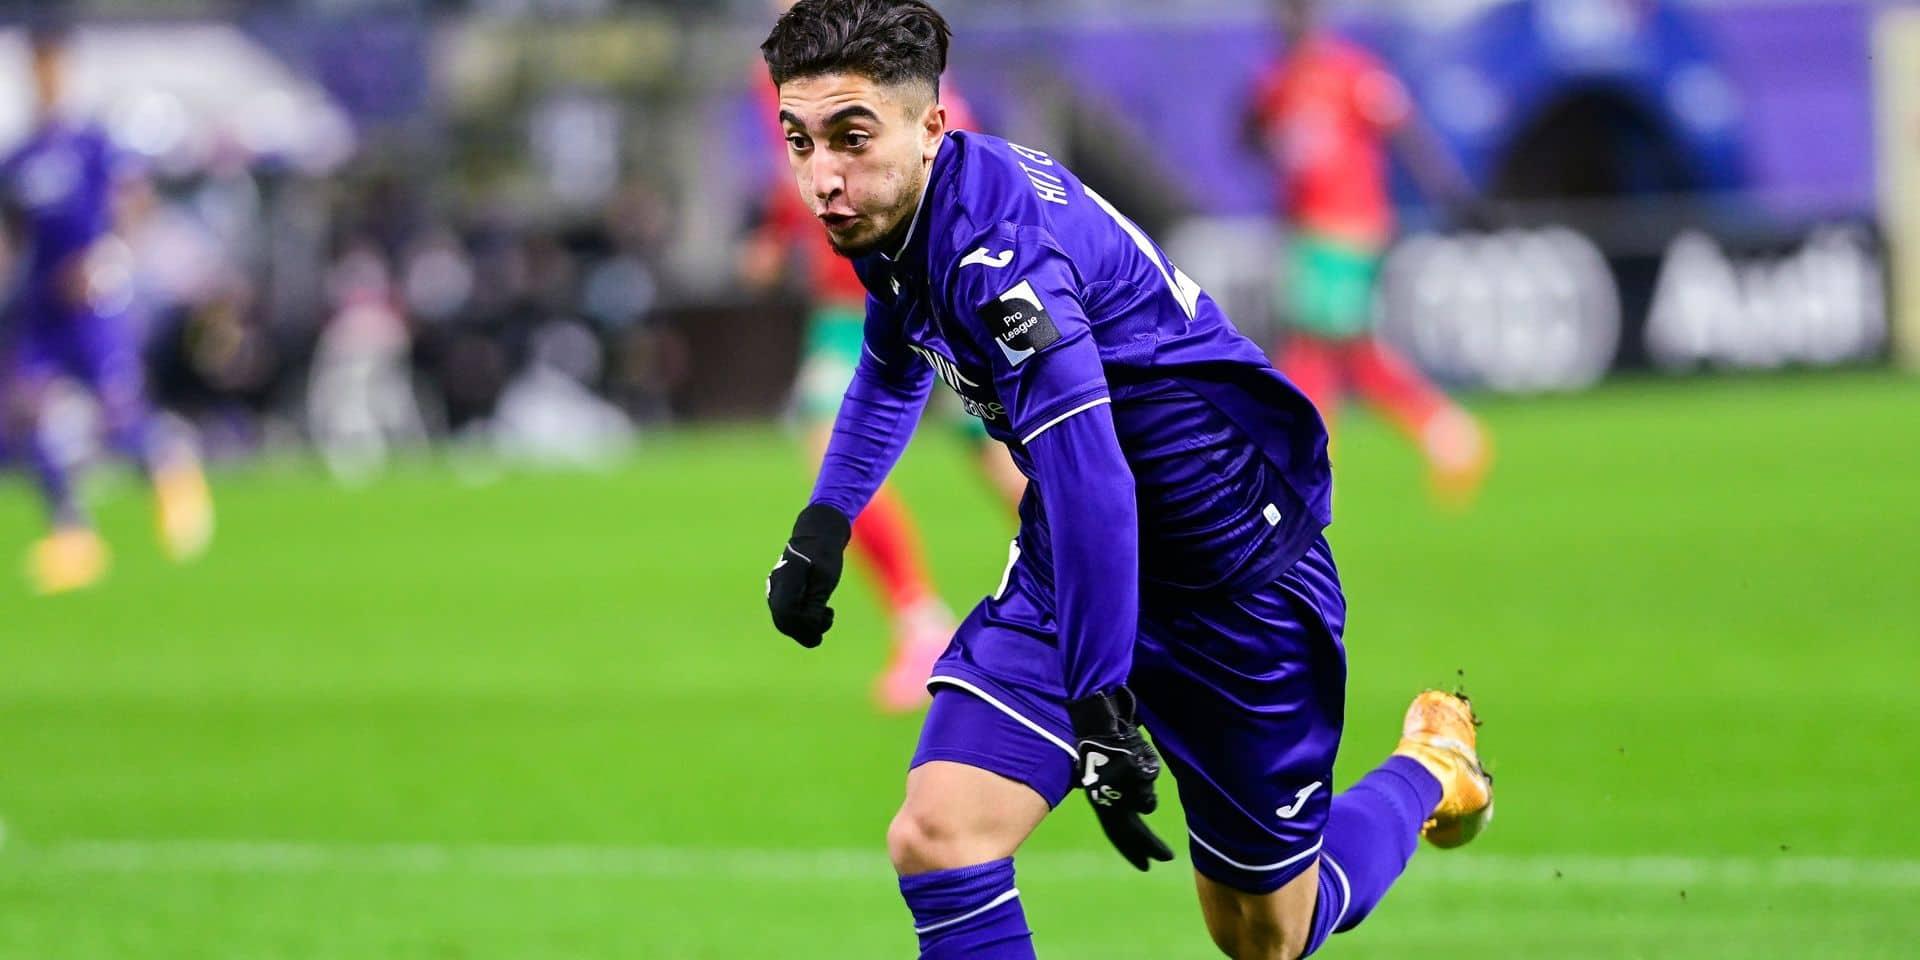 """Anouar Ait El Hadj veut faire son trou à Anderlecht: """"Je m'inspire de Messi et Boussoufa"""""""